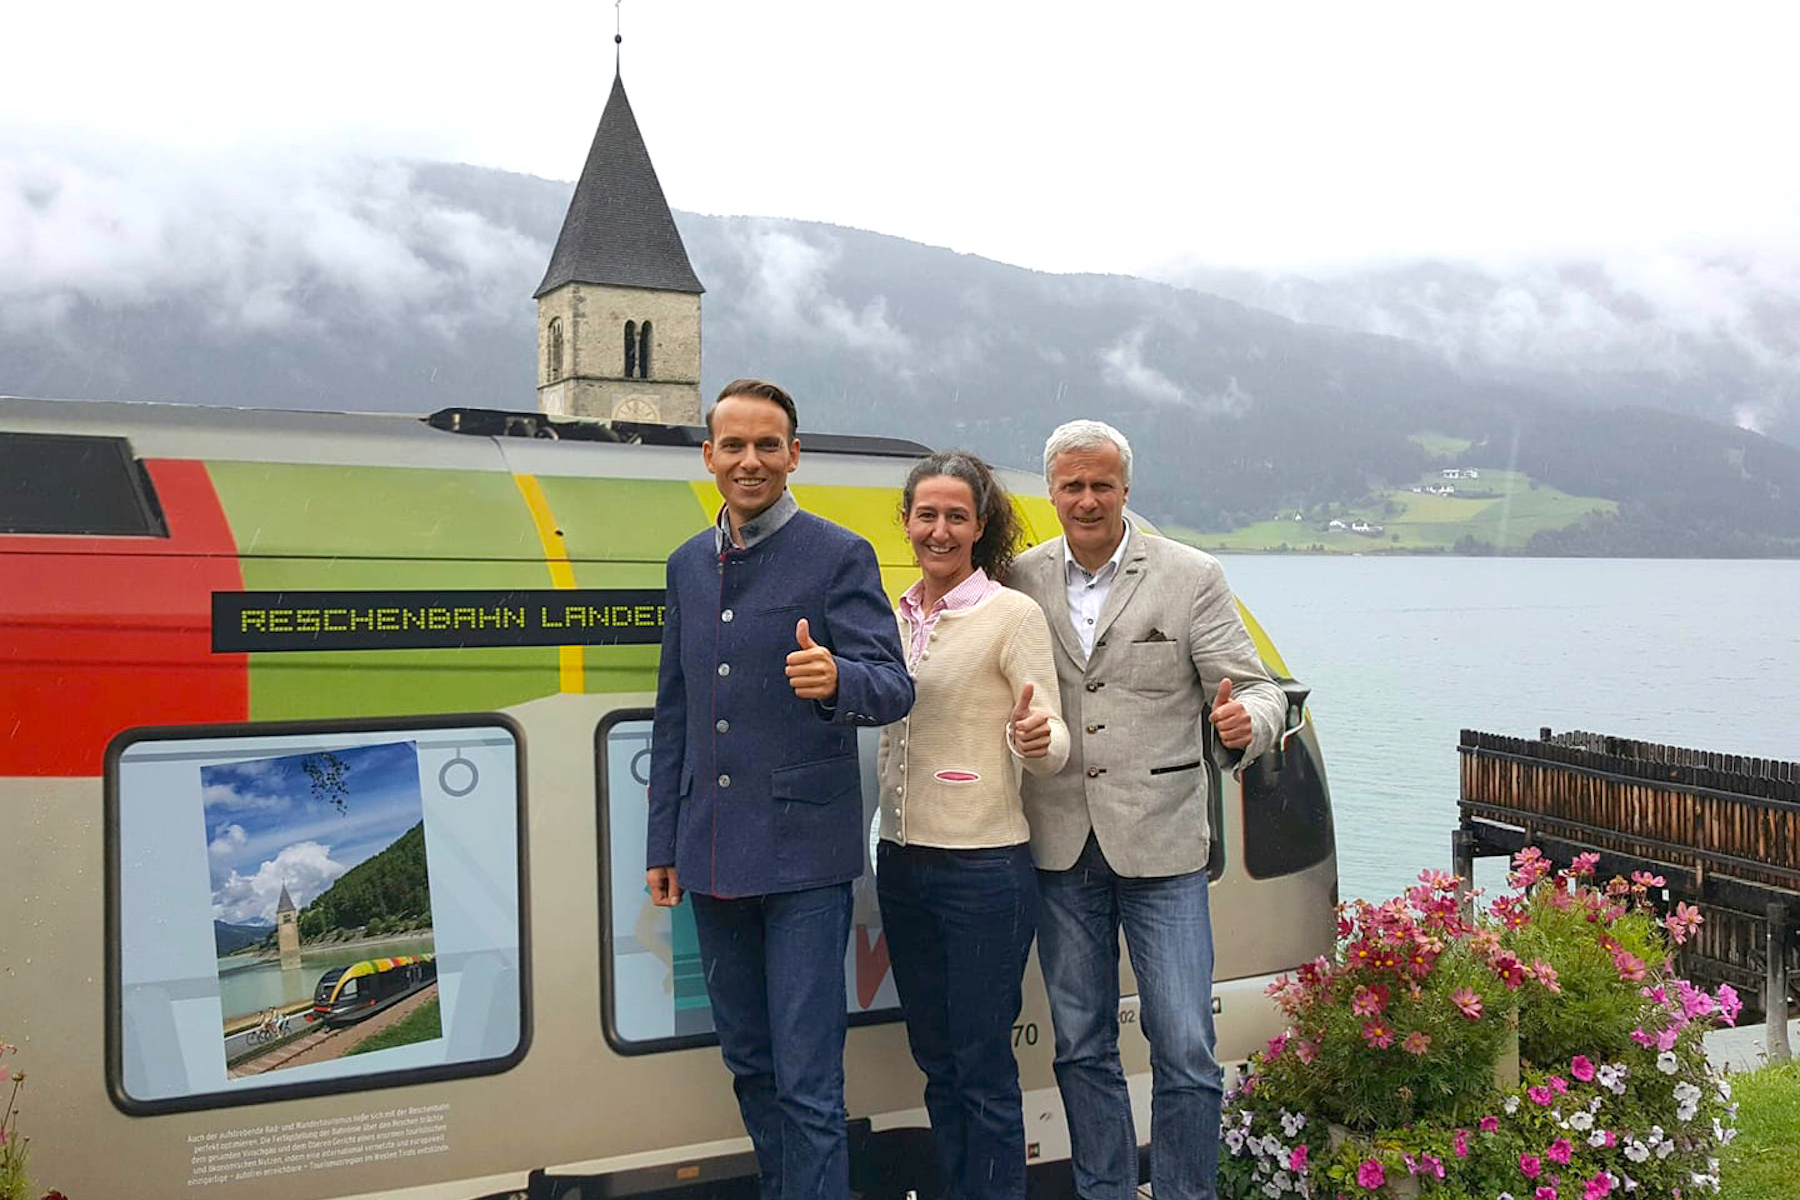 Bahntour im Vinschgau:Bevölkerung ist begeistert von Reschenbahn.